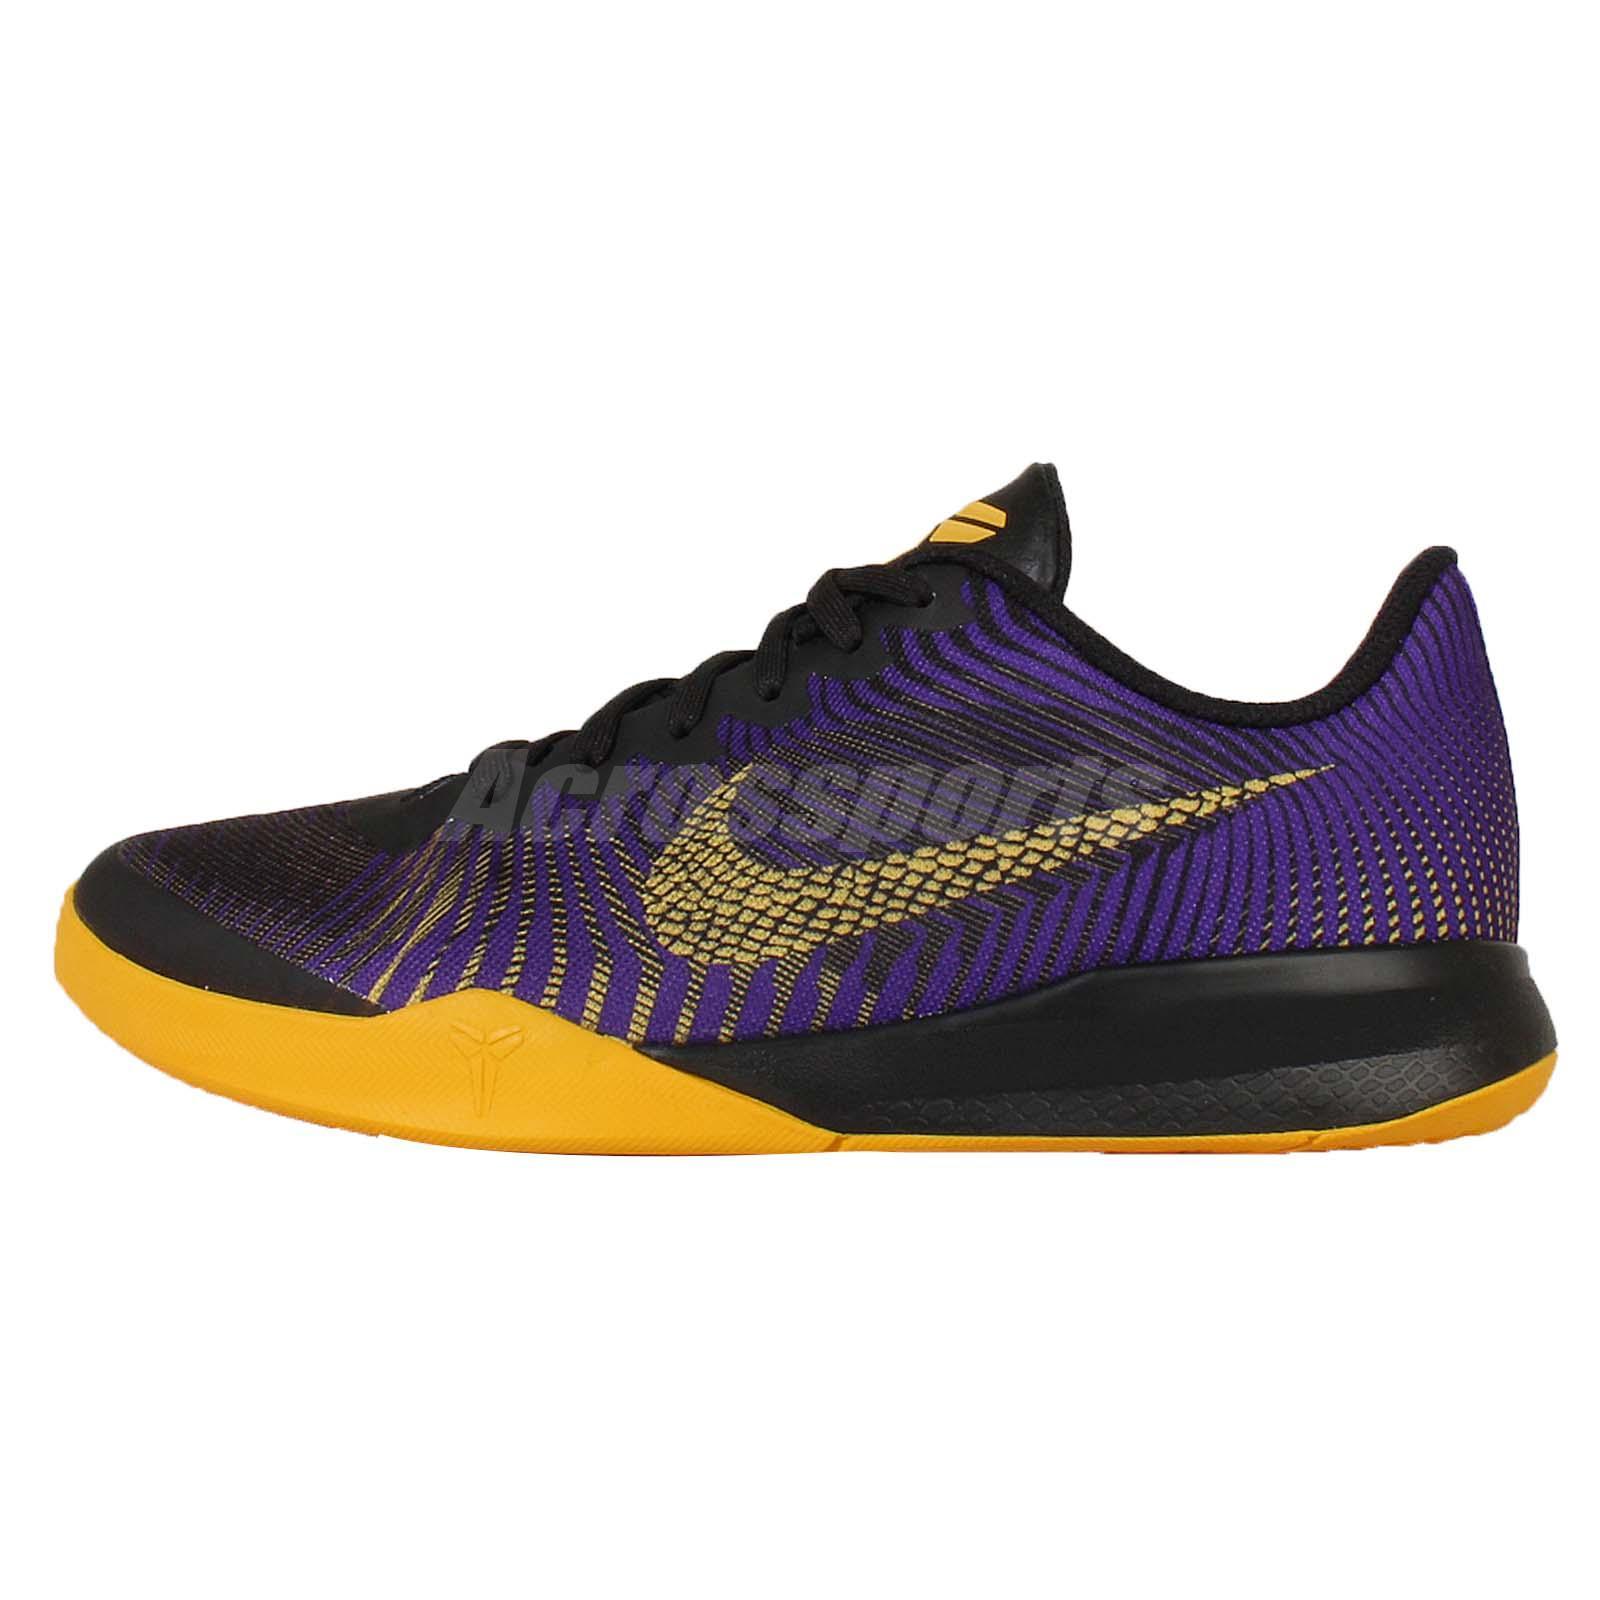 boys kobe bryant shoes